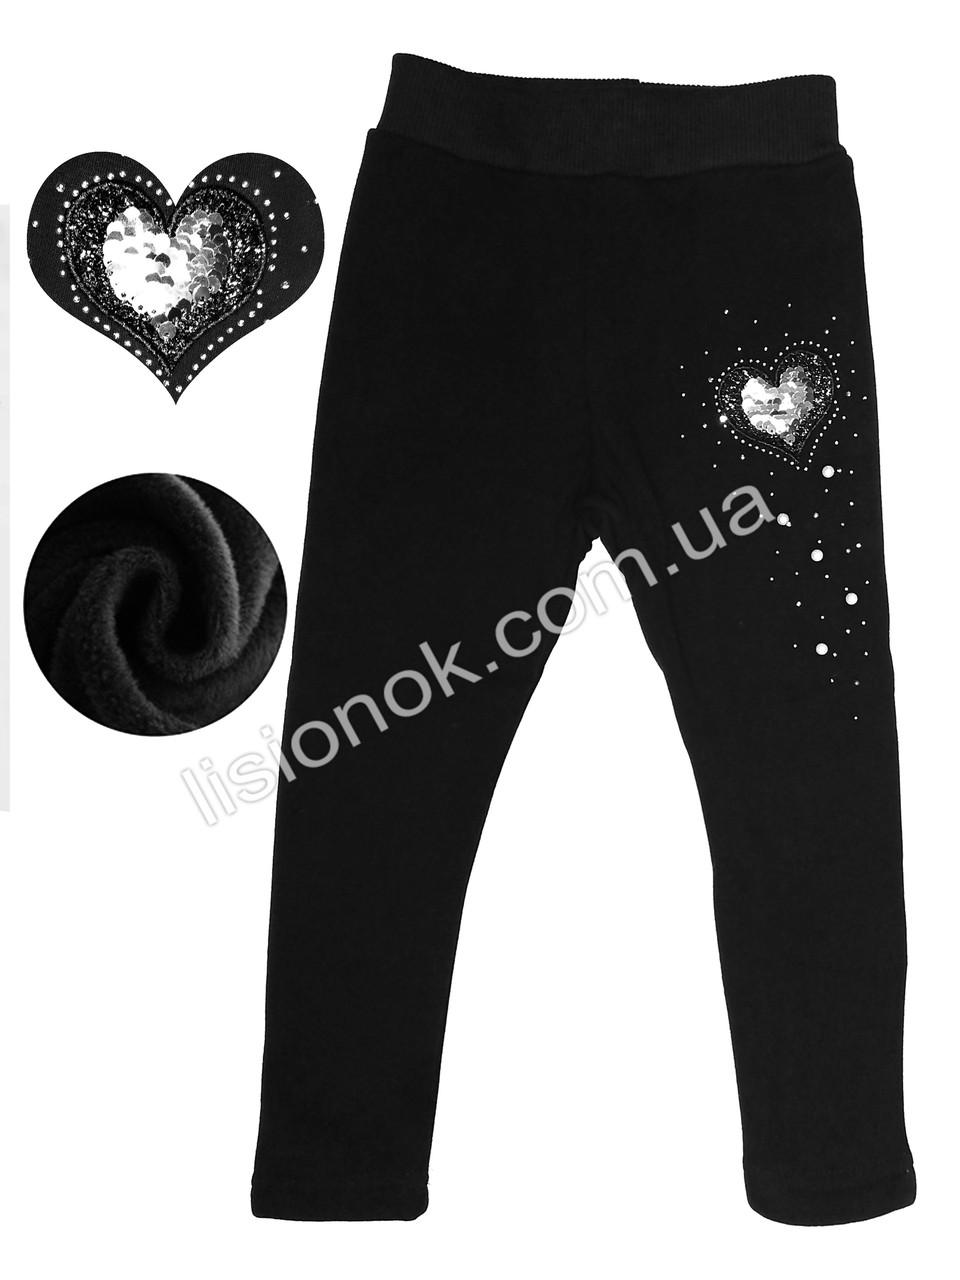 Черные лосины 98см на меху с блестками для девочек Grace, очень теплые, отличное качество, Венгрия